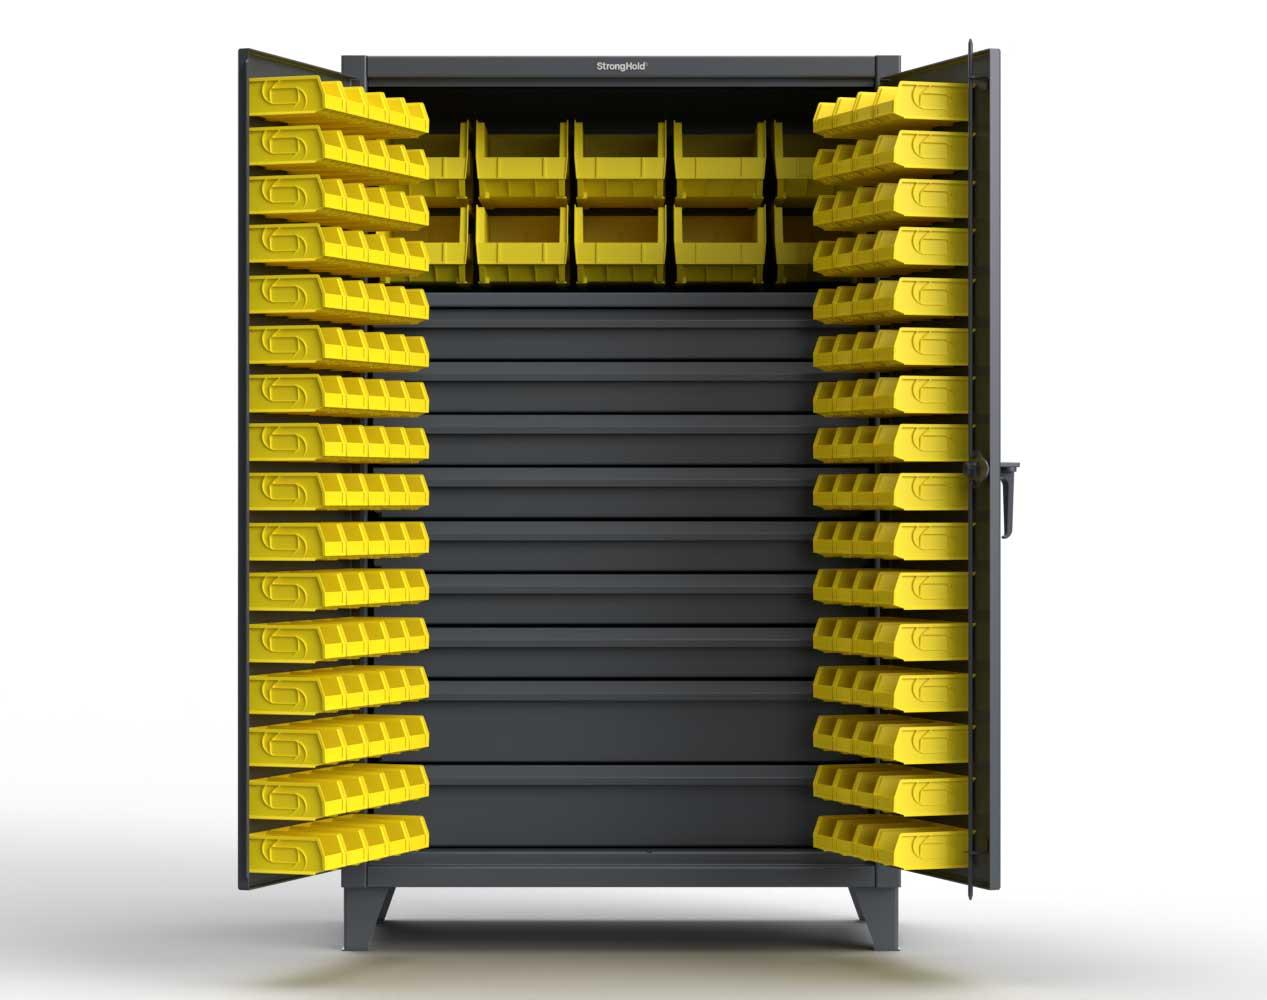 Extra Heavy Duty 12 GA Bin Cabinet with Multiple Sized Bins, 9 Drawers, 1 Shelf – 48 In. W x 24 In. D x 78 In. H